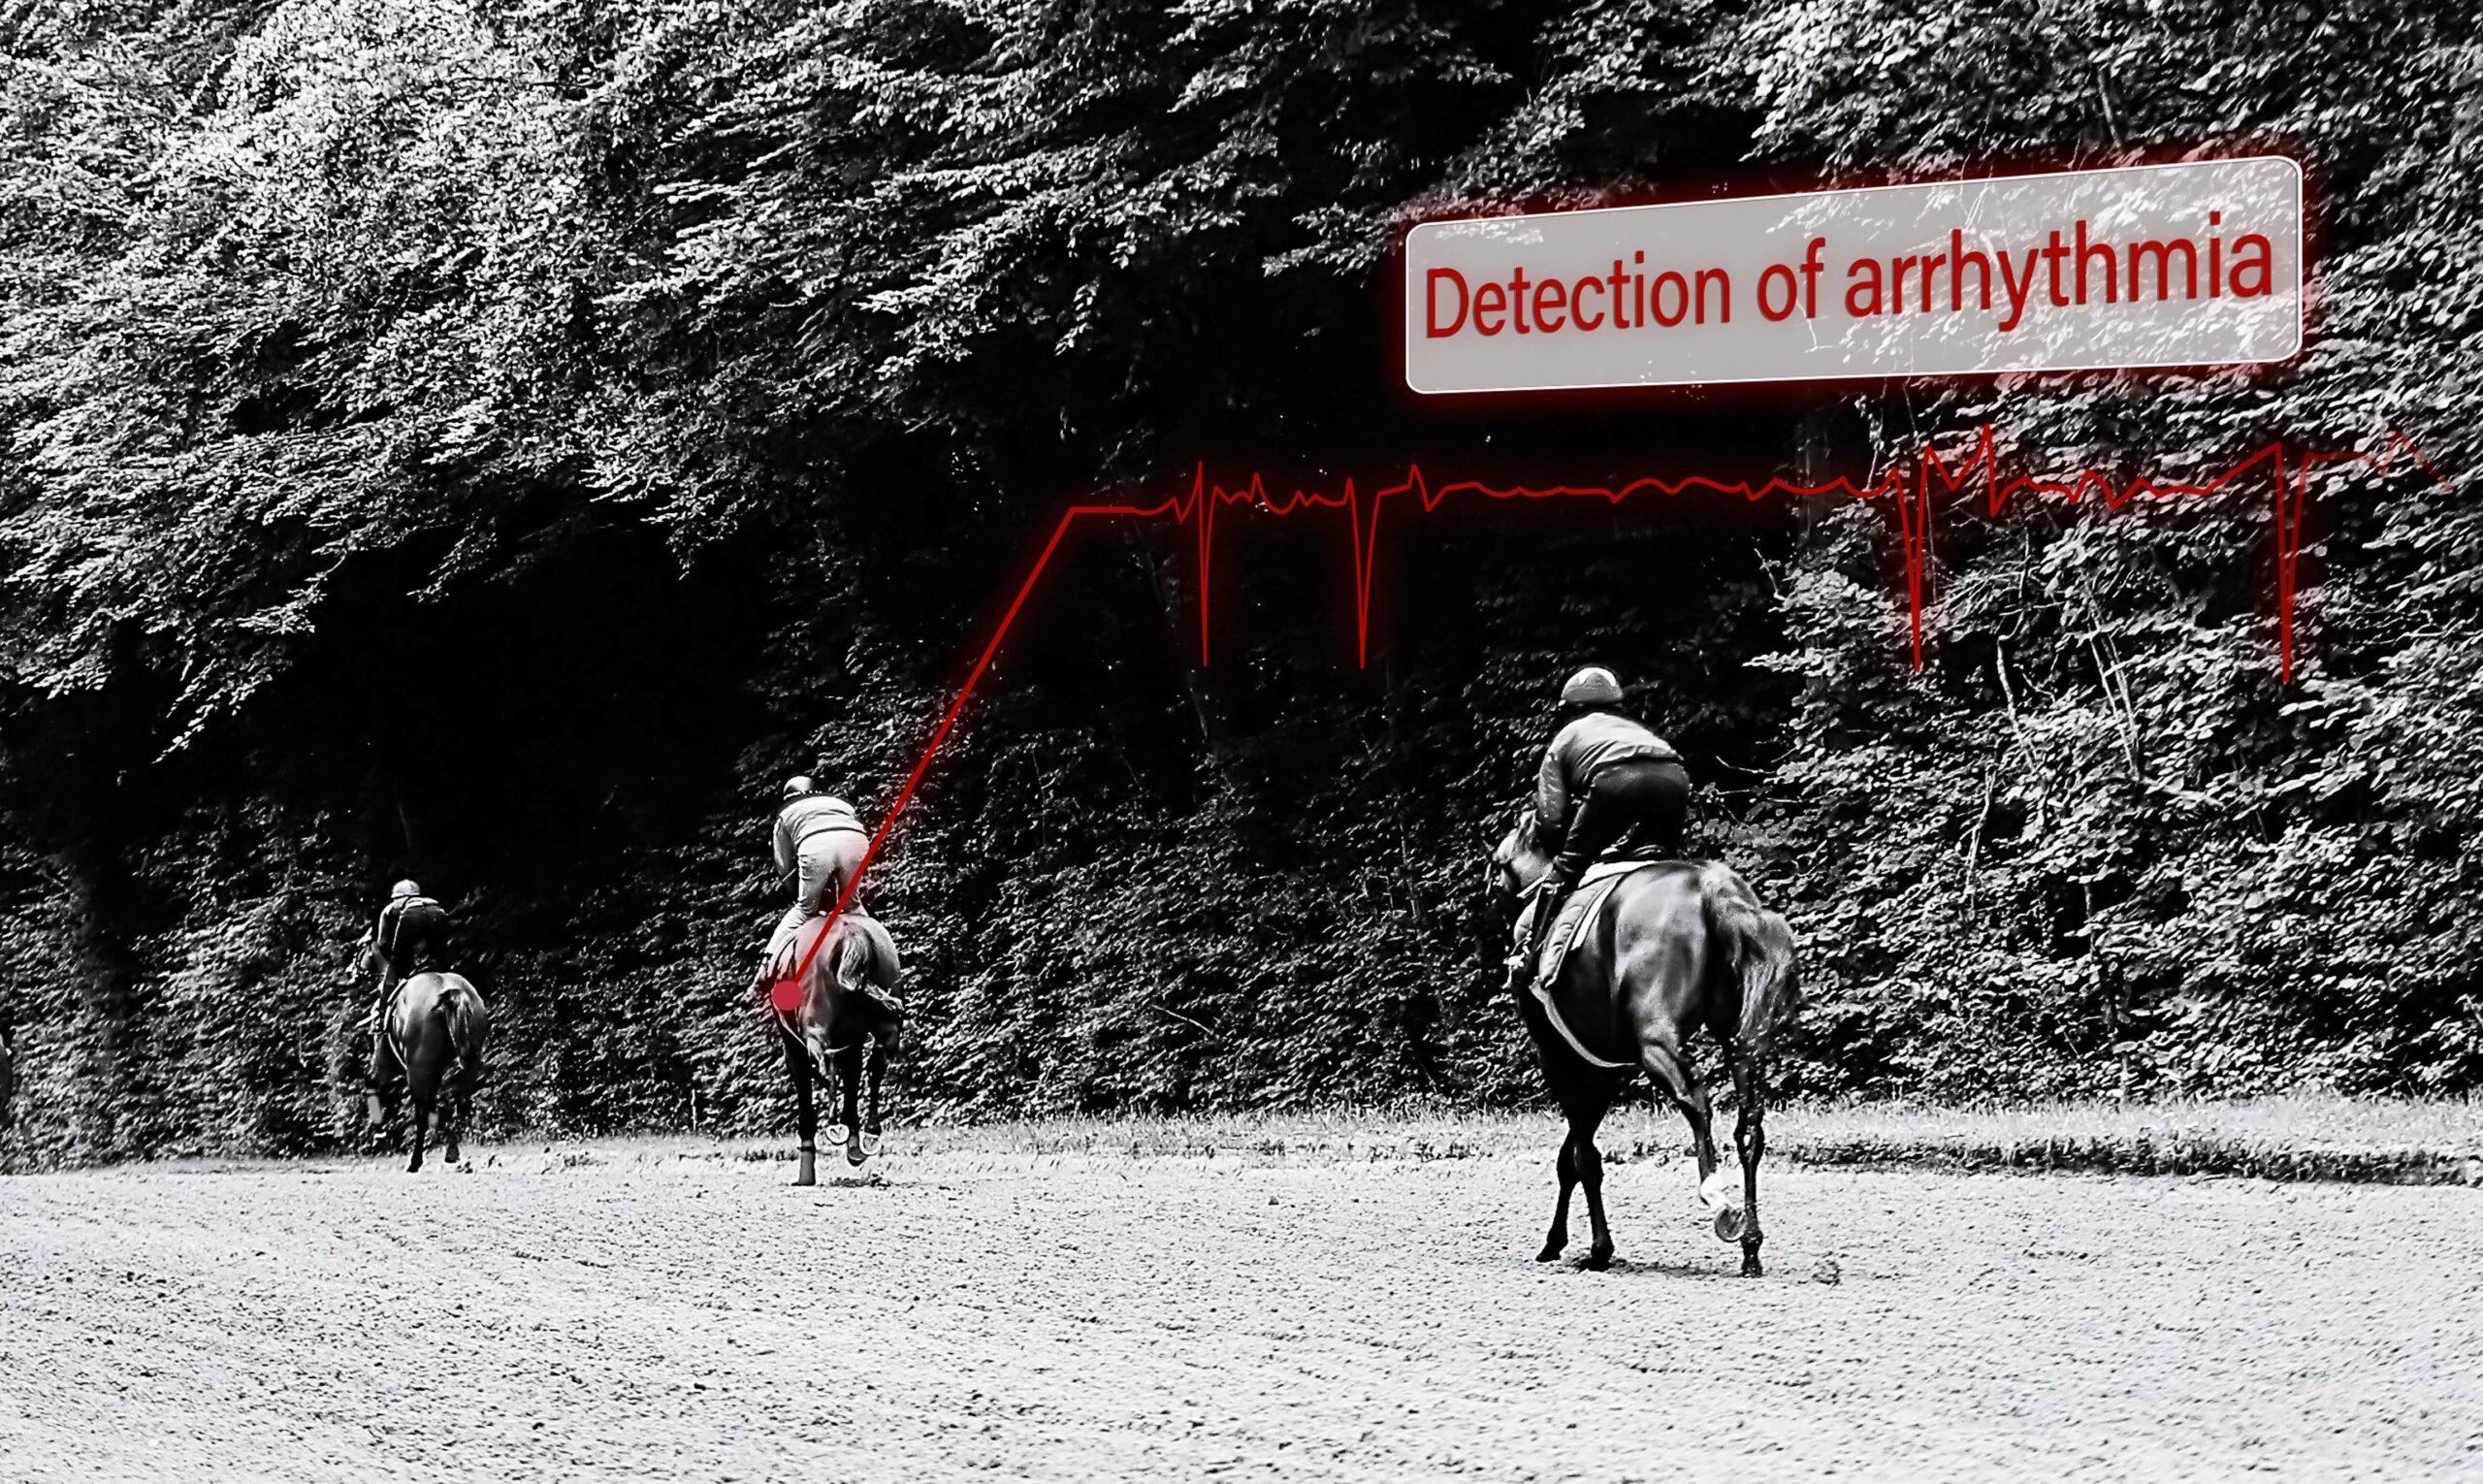 Détection des arythmies Equimetre Arioneo